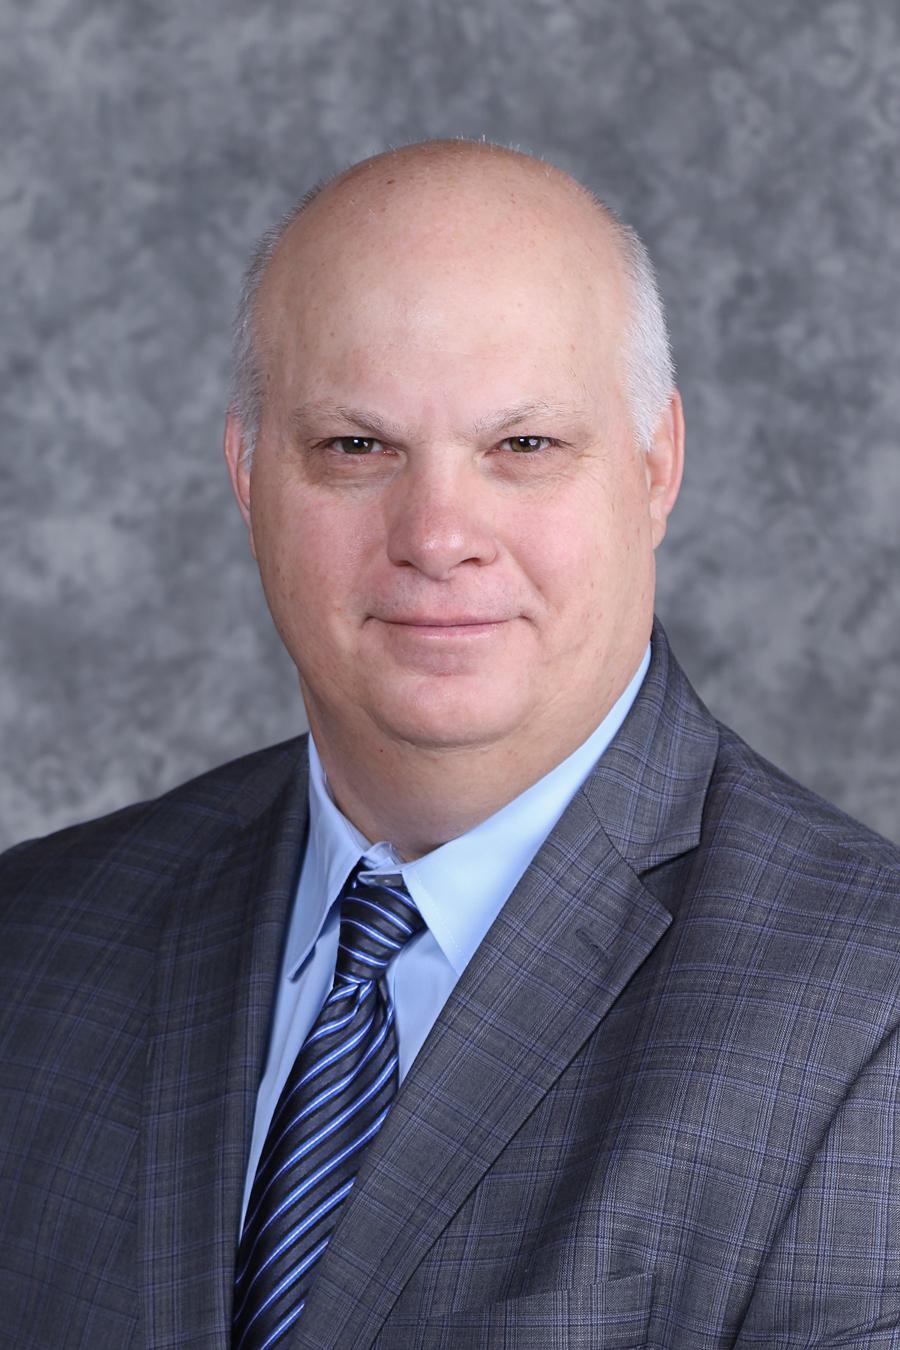 Scott Teffeteller